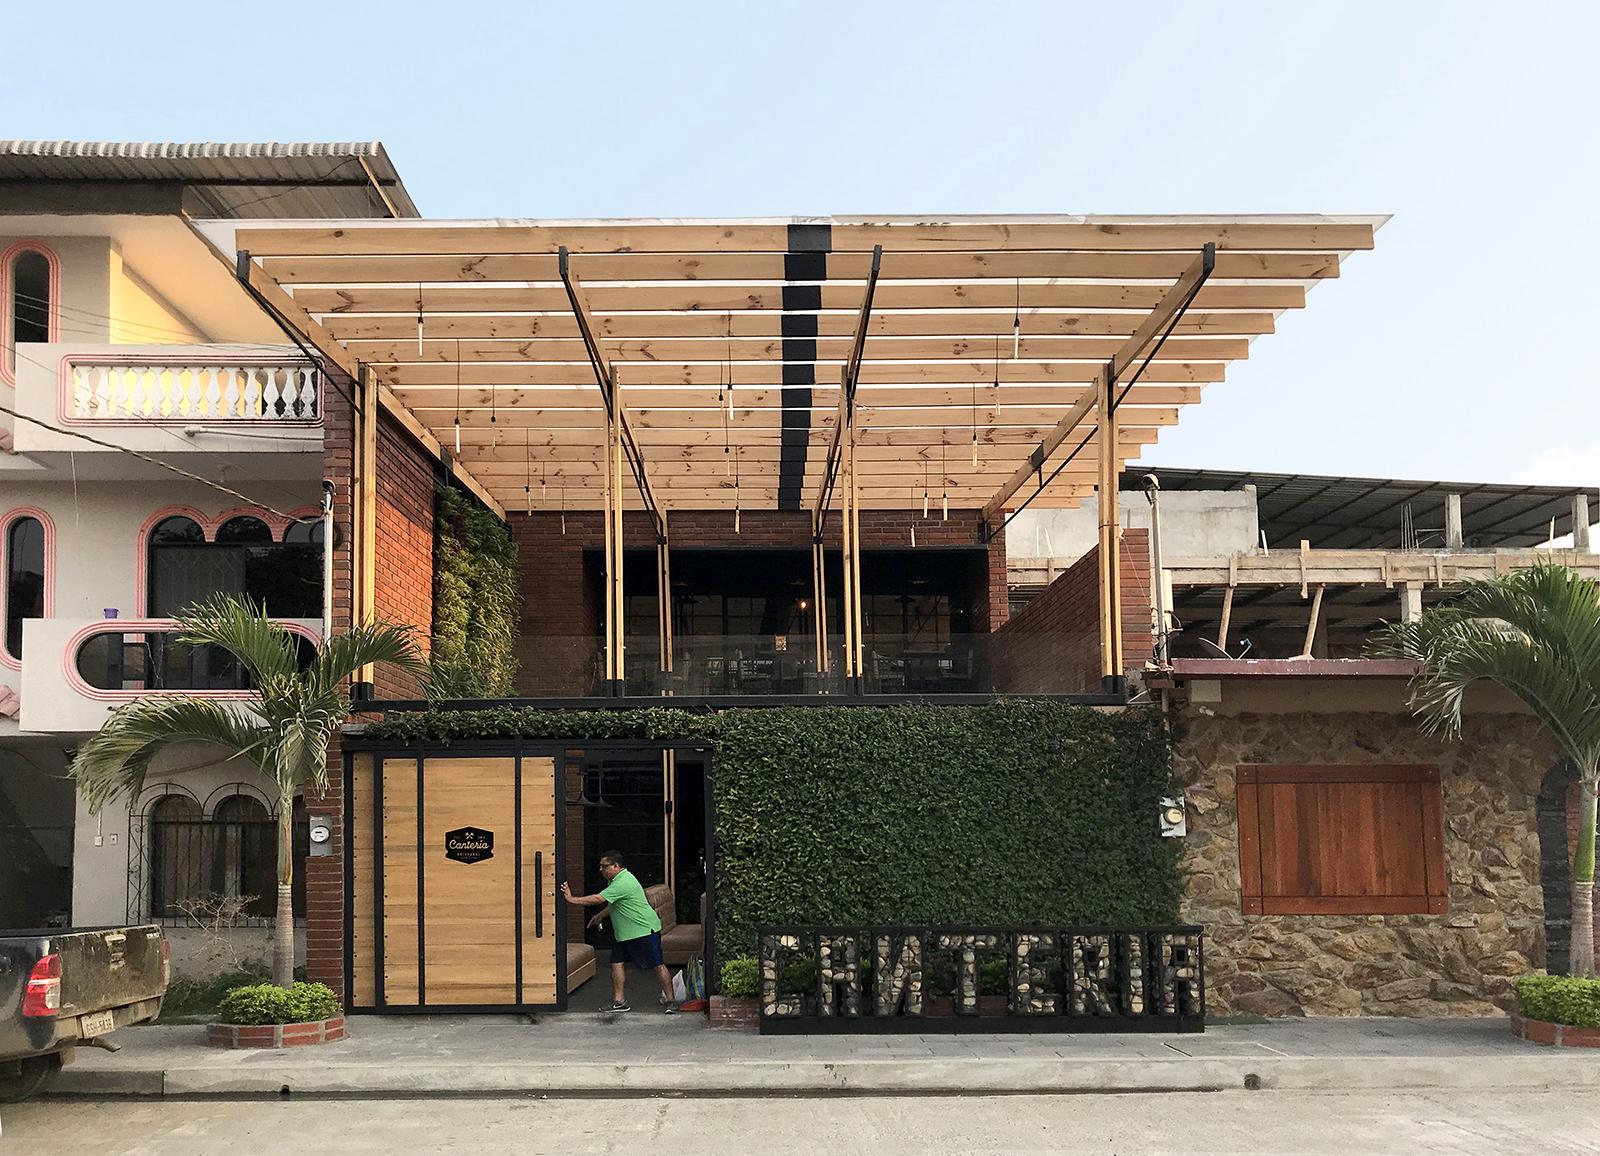 Canteria restaurante urbano natura futura arquitectura for Planos de bares pequenos